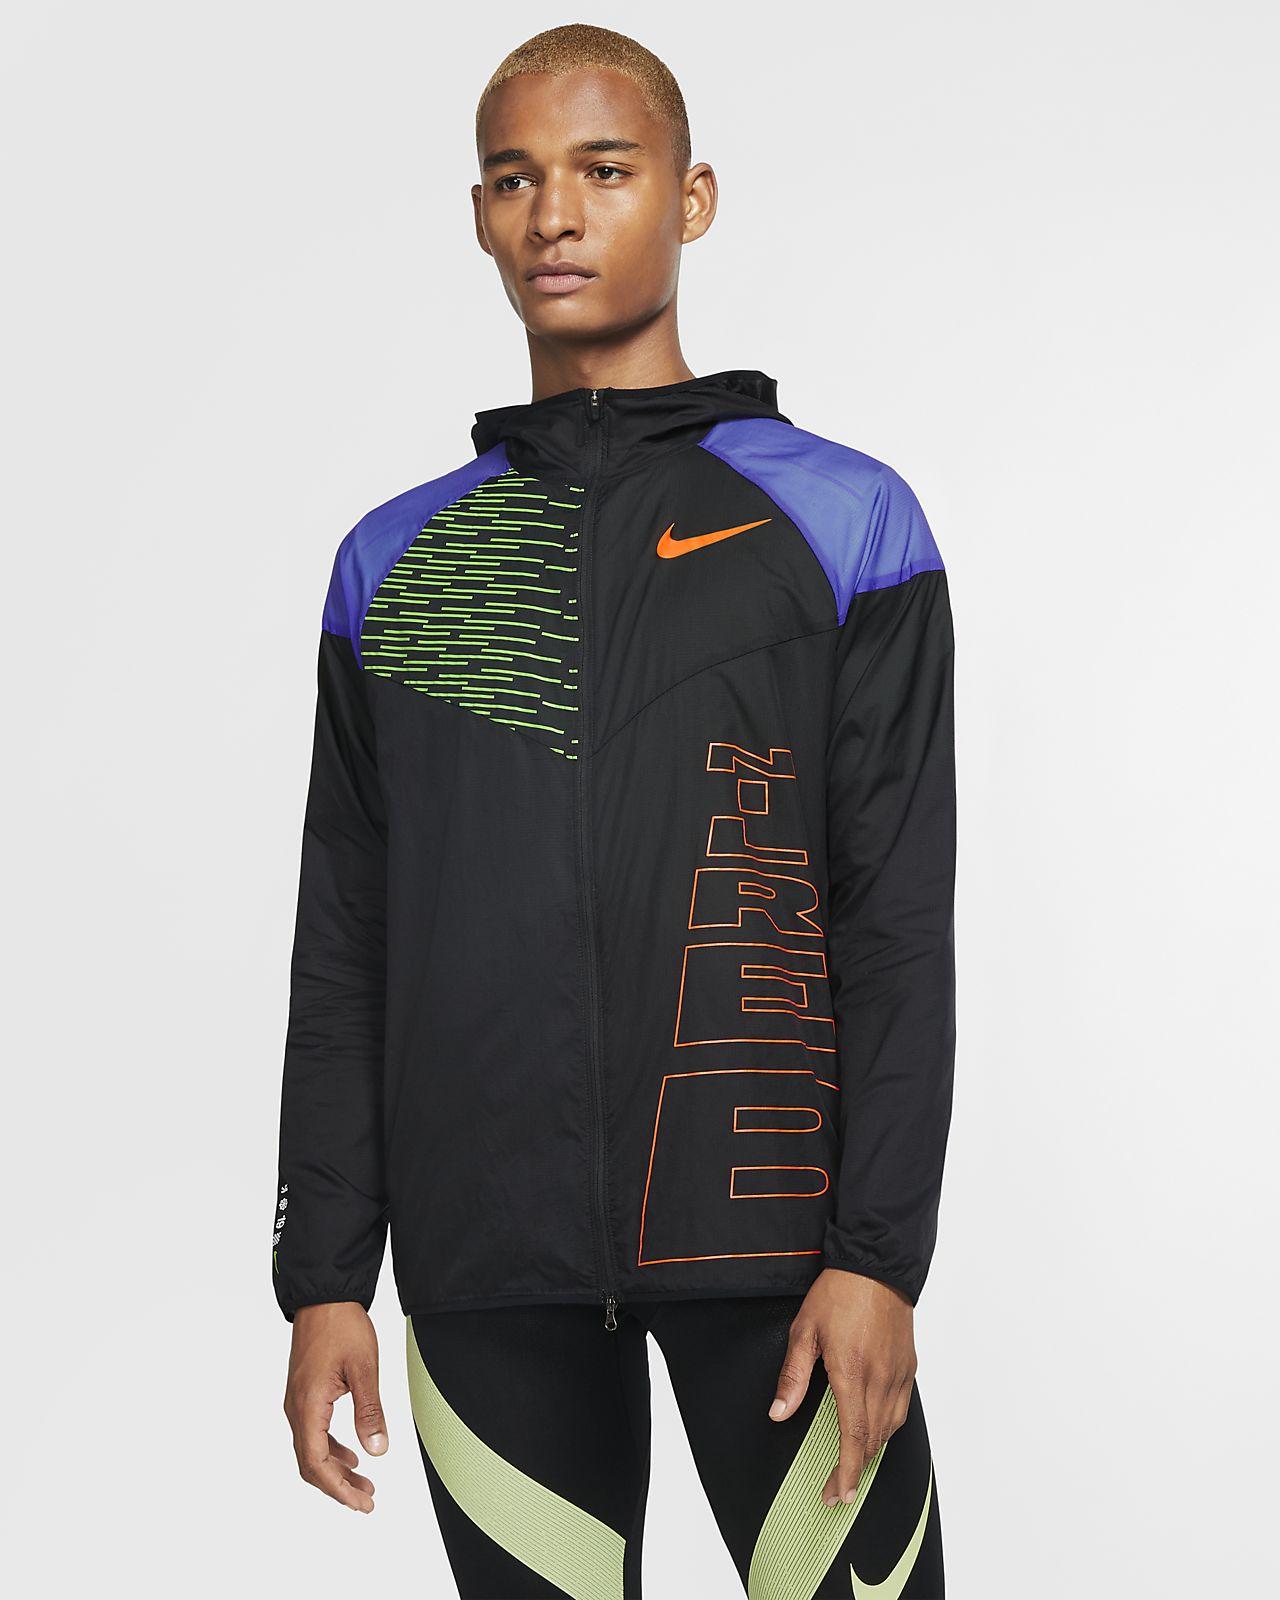 Pánská běžecká bunda Windrunner Nike Running Berlin